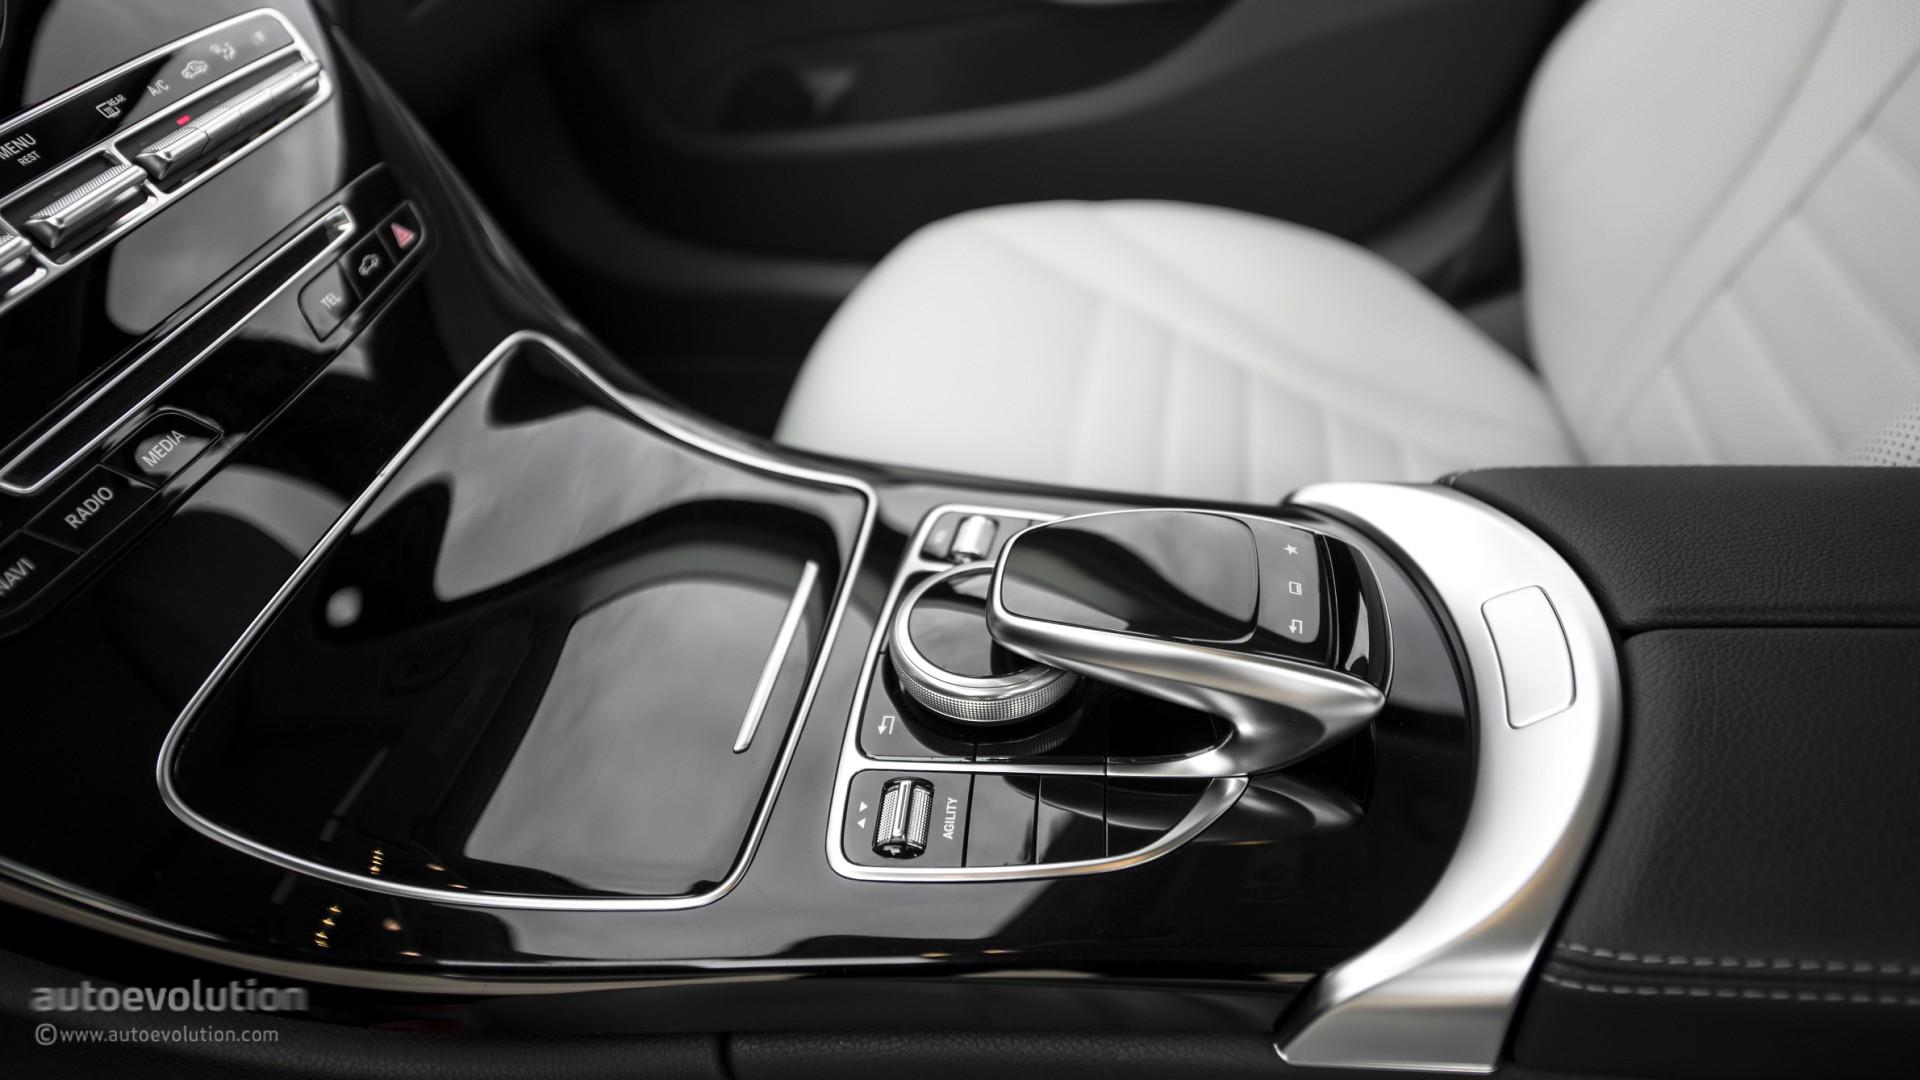 2015 mercedes benz c class review autoevolution - 2015 Mercedes C Class White